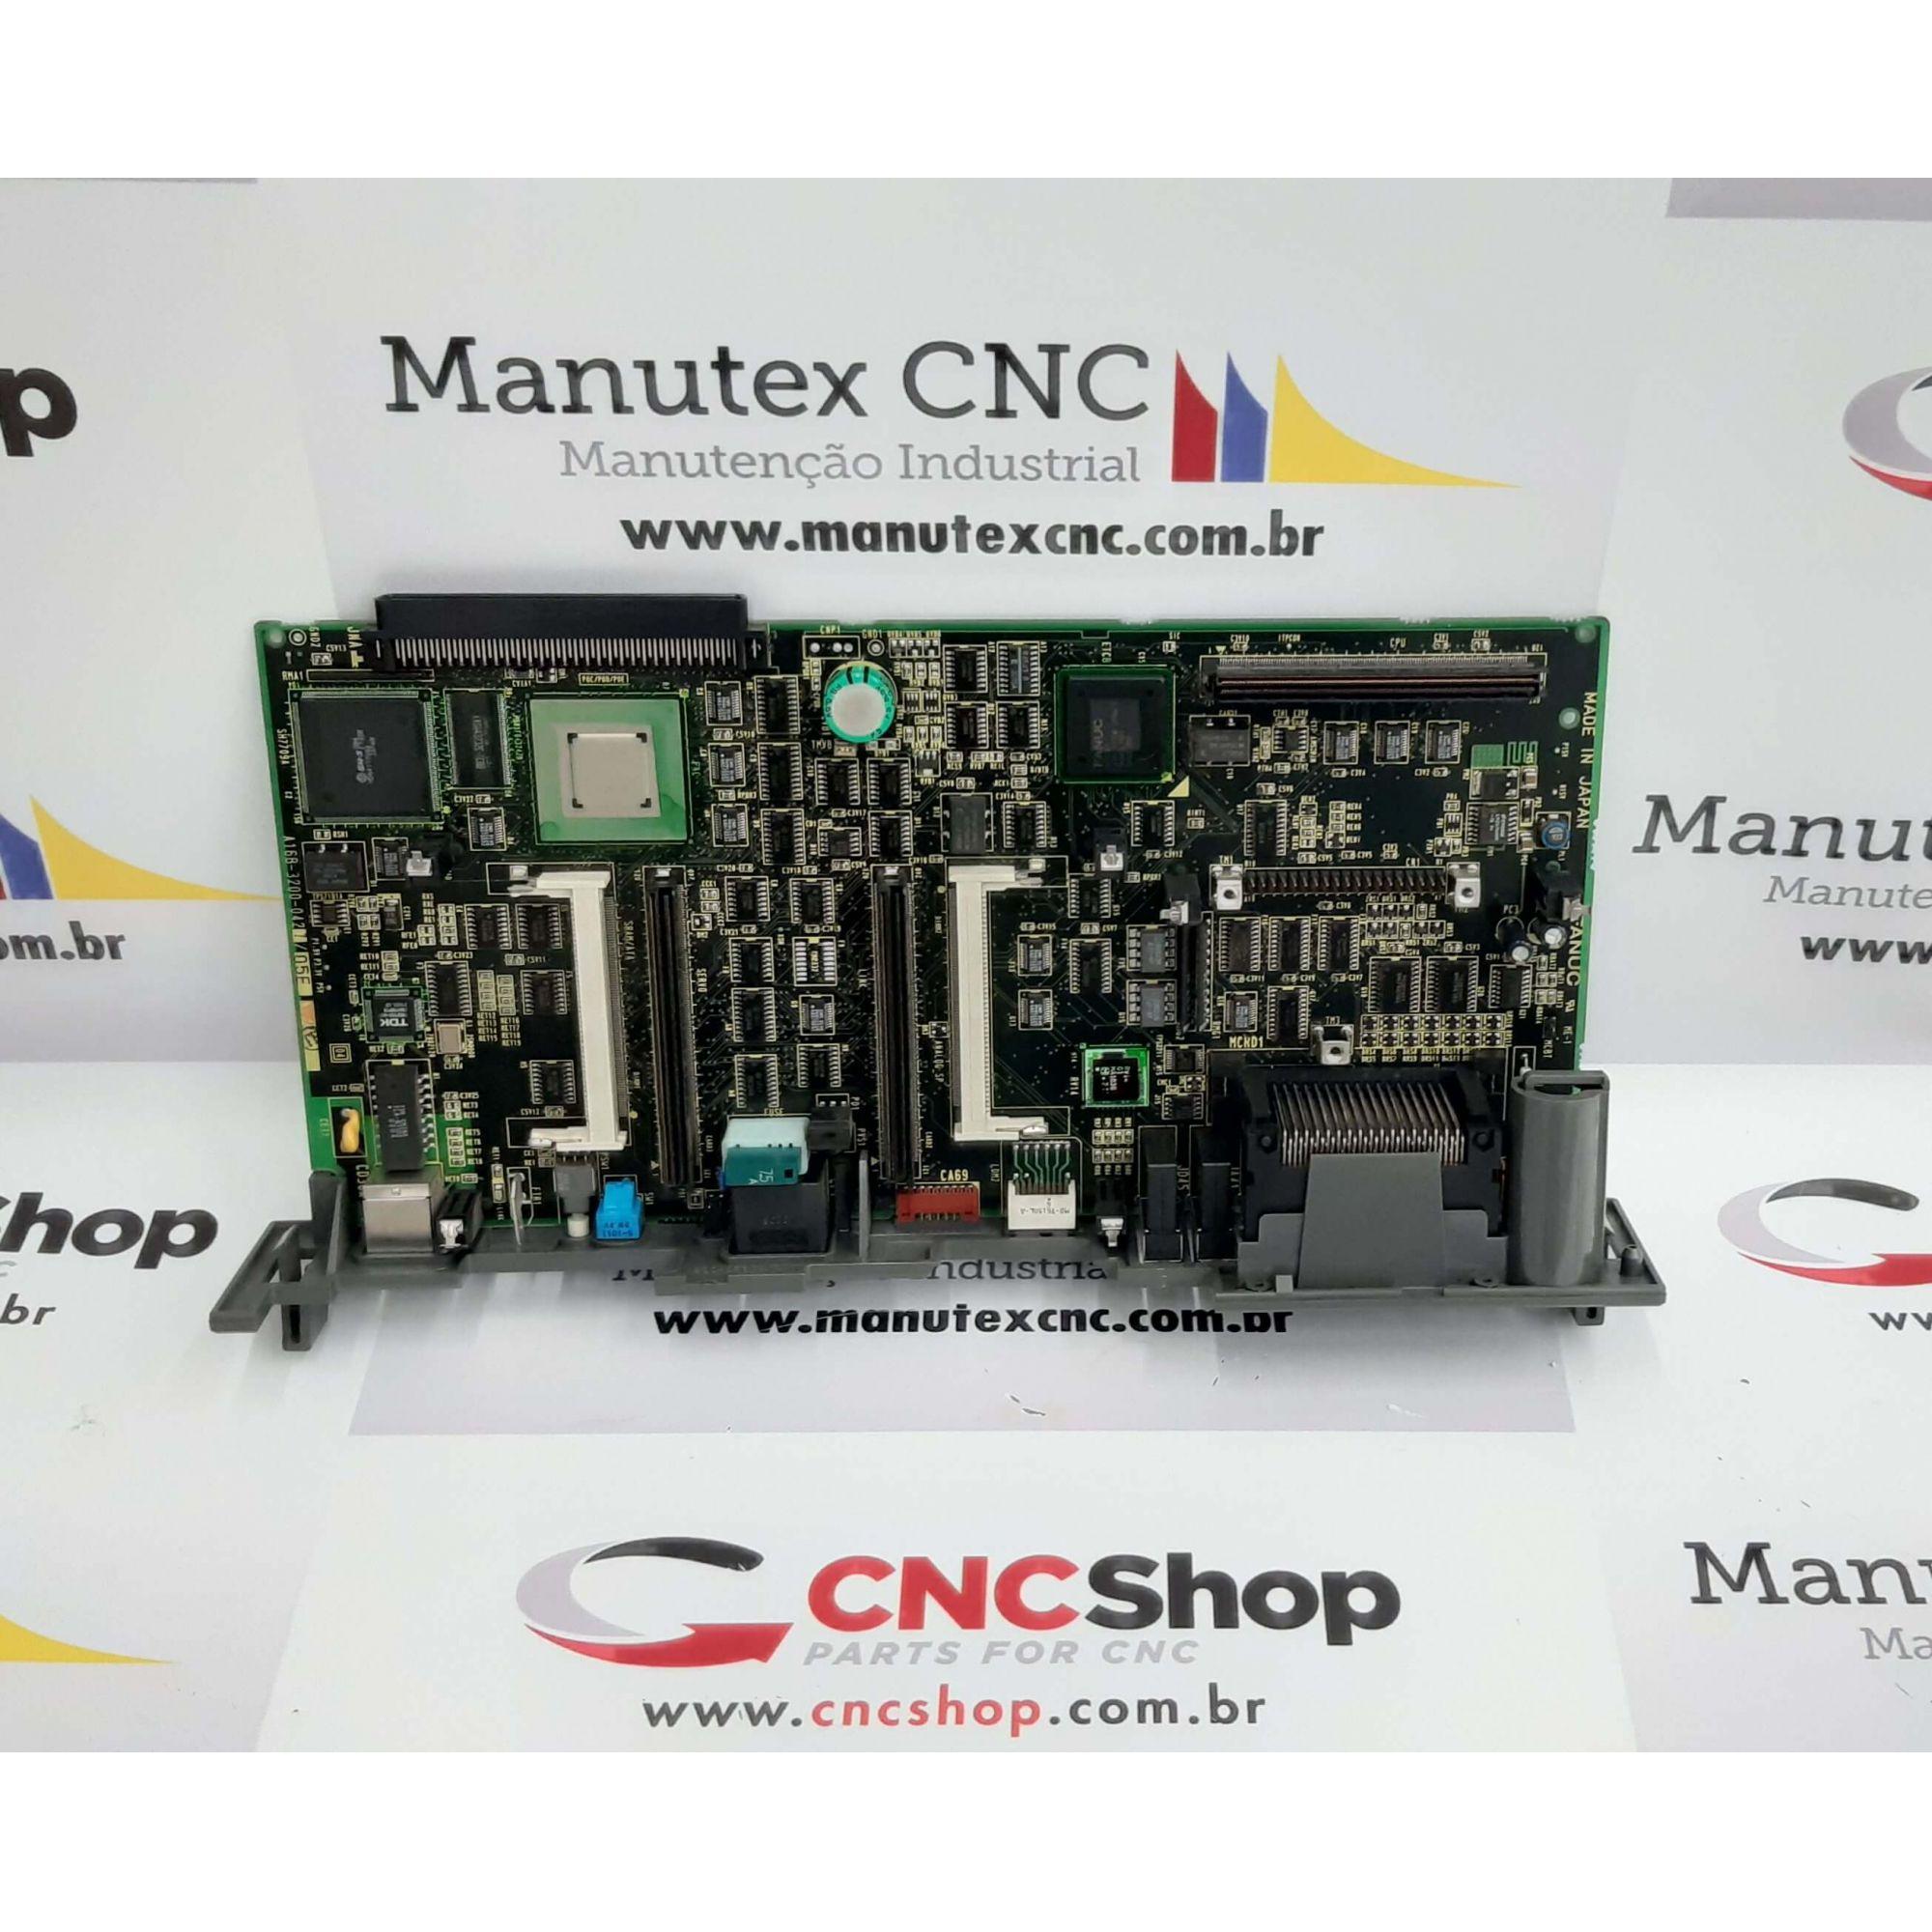 A16B-3200-0421|PLACA MASTER CNC|FANUC